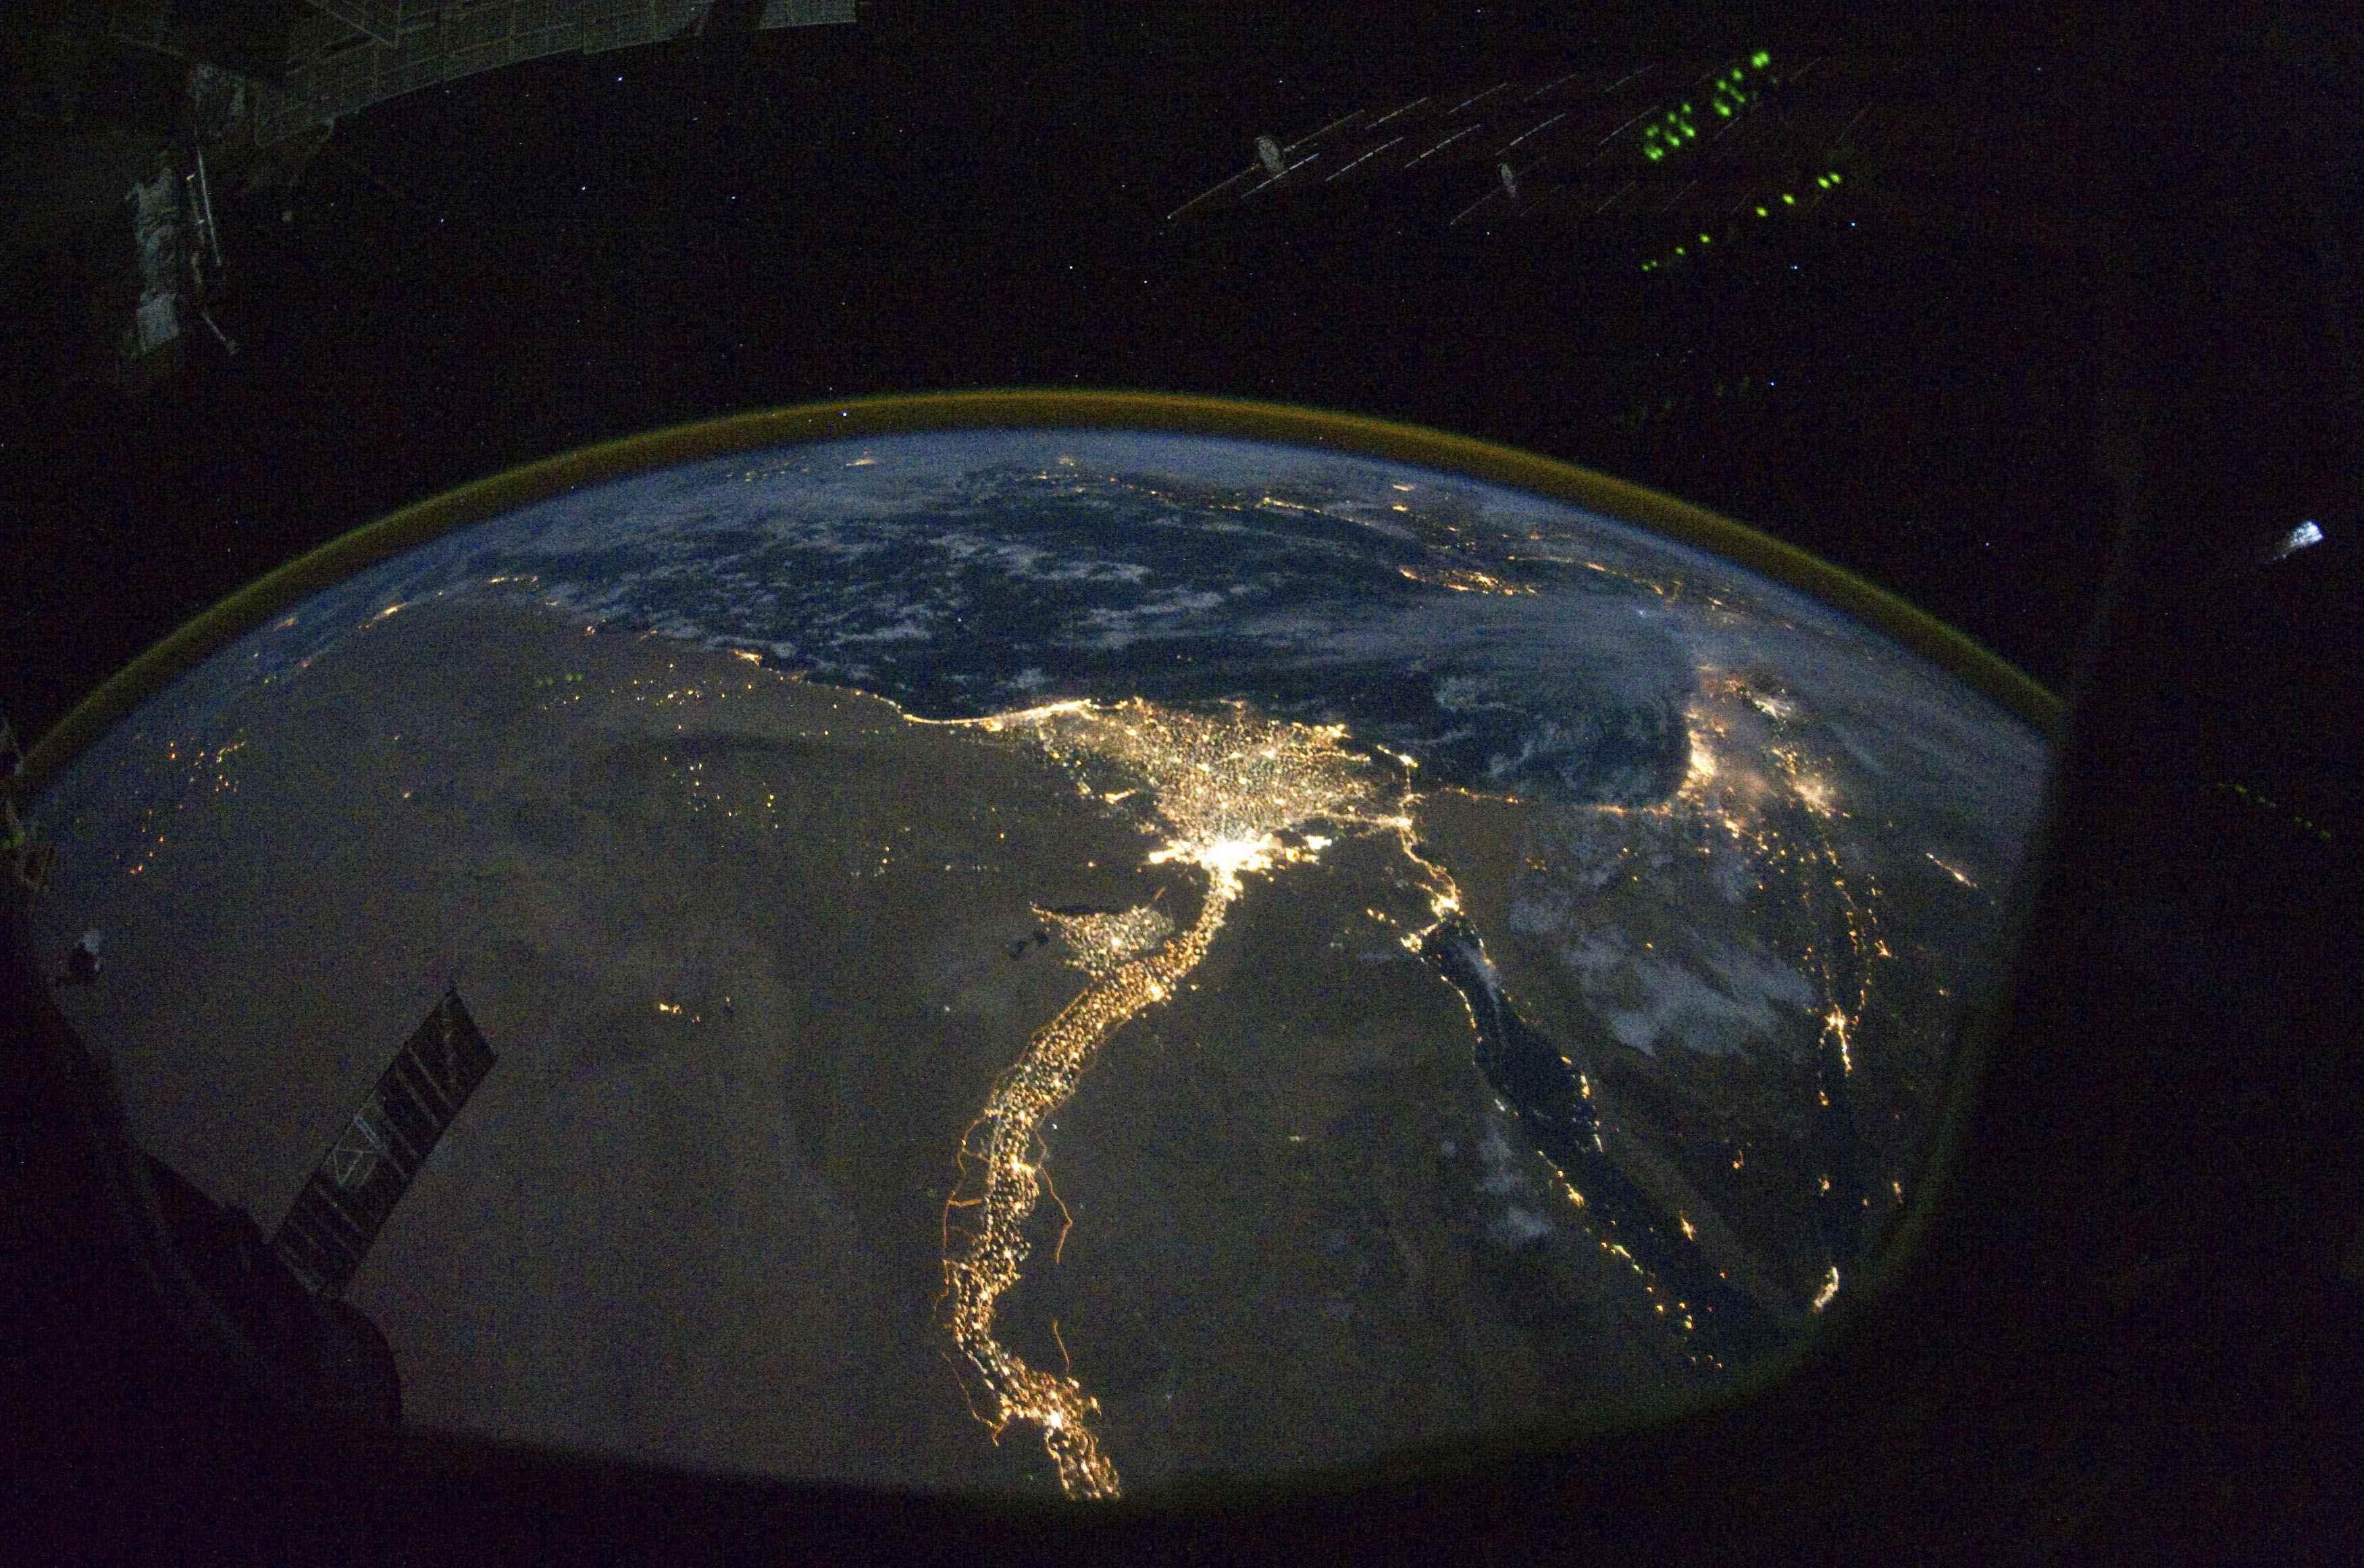 Η Αλεξάνδρεια και το Κάιρο - ΦΩΤΟ REUTERS